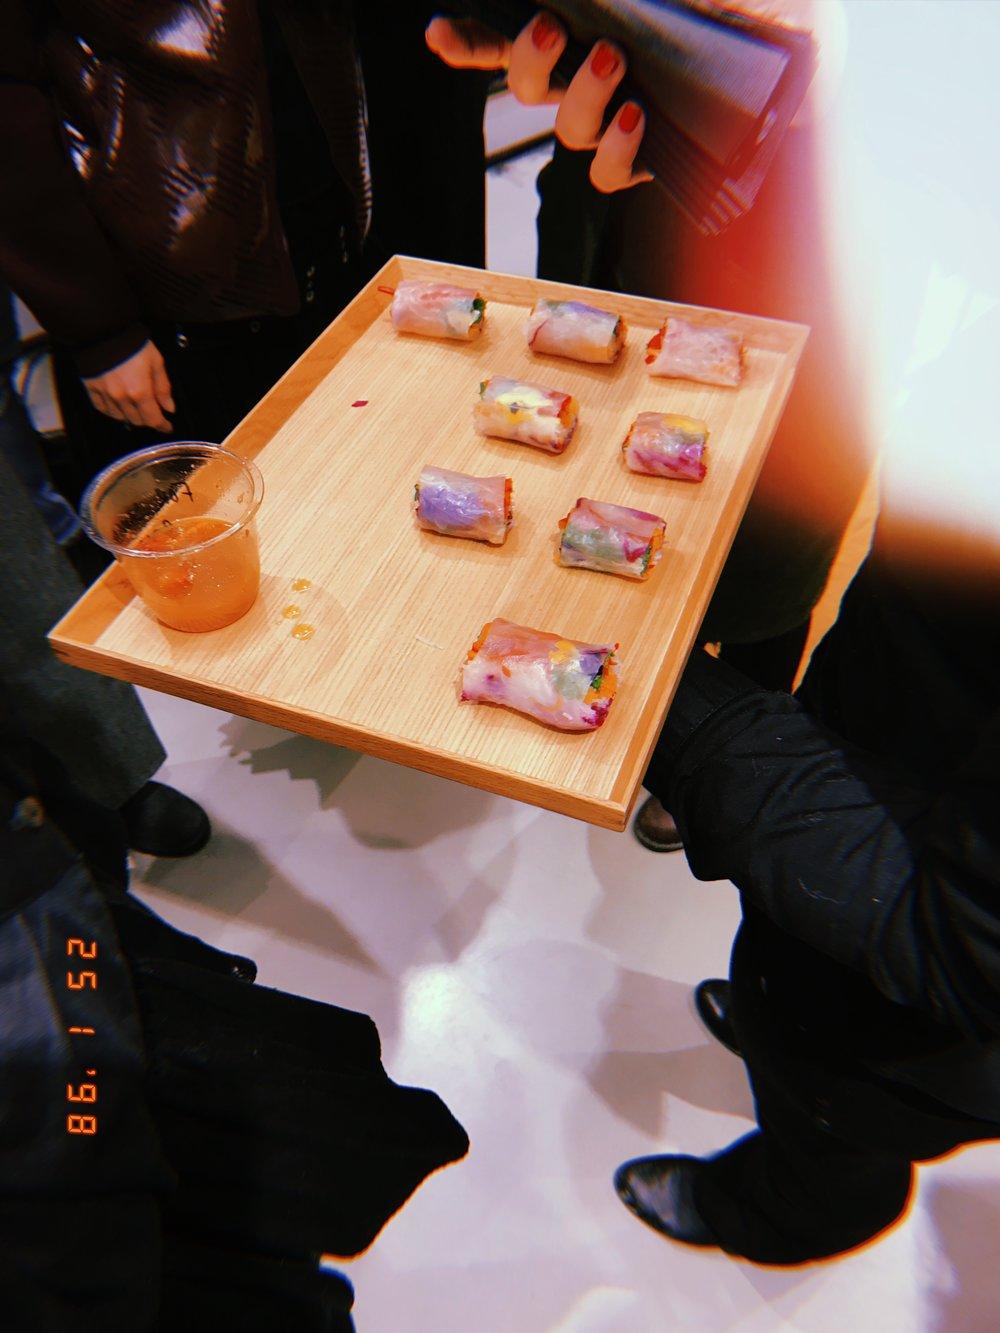 2018-01-25 18:58:02.985.JPG